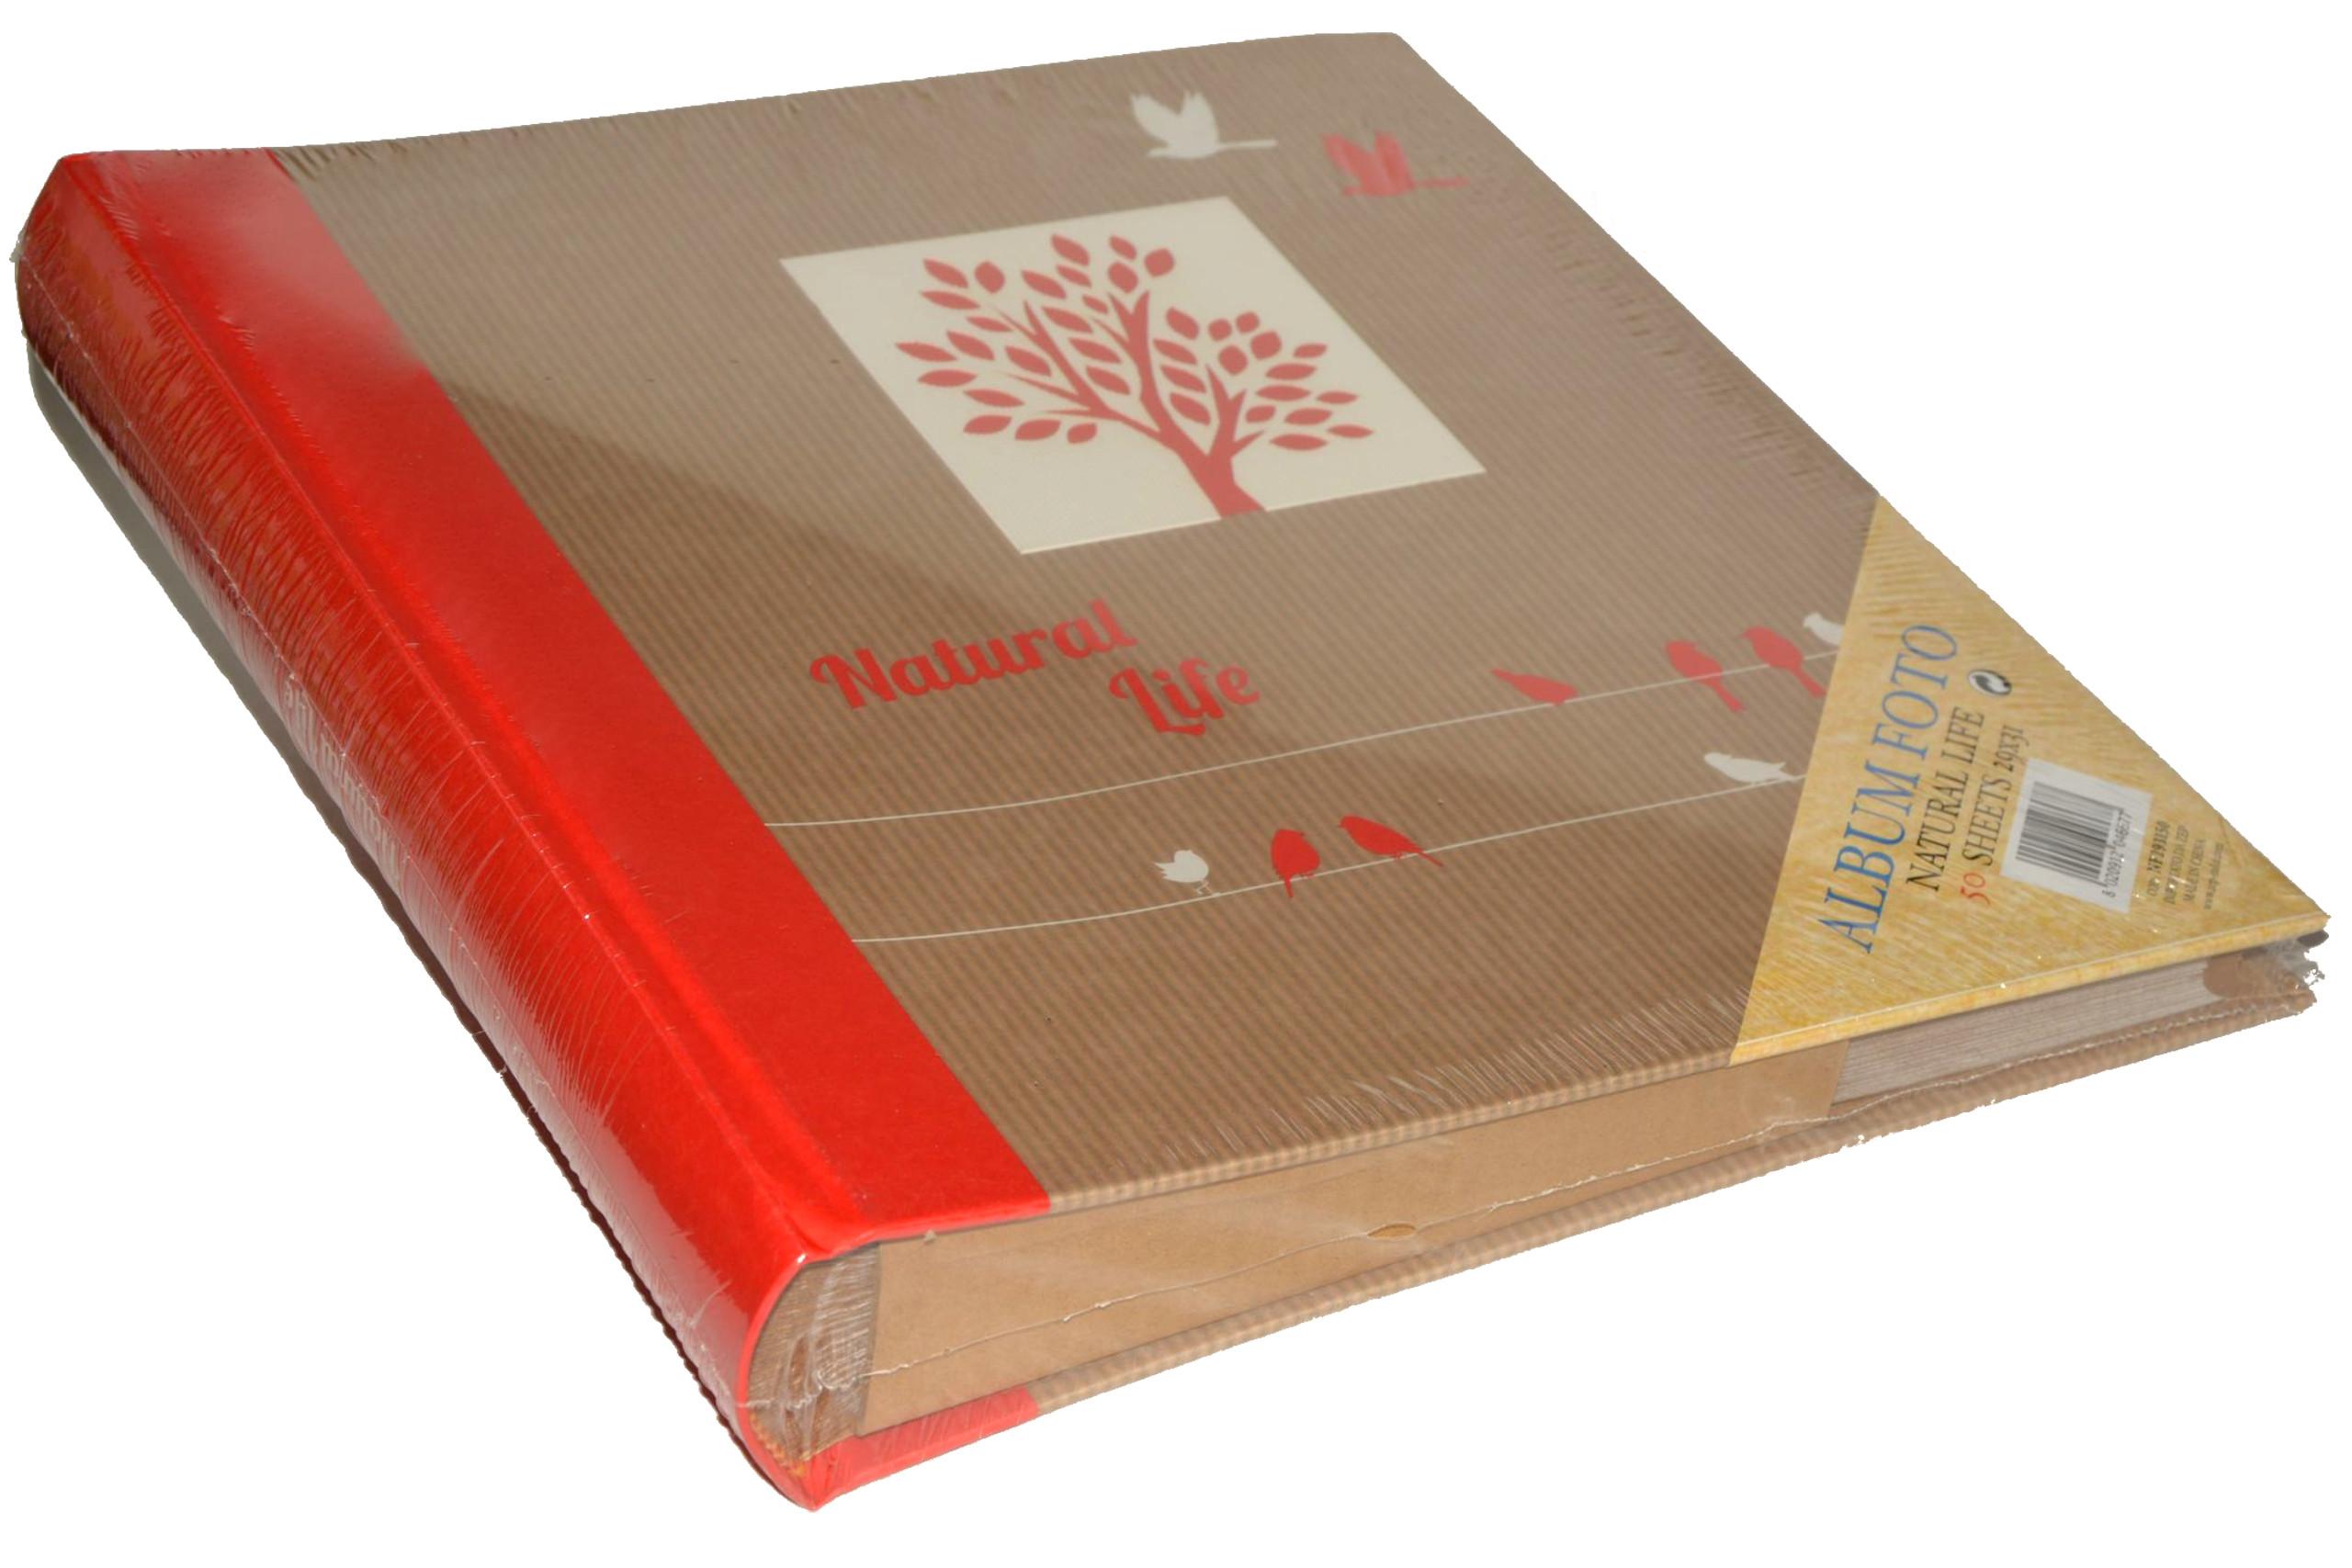 Album eko tradycja 29x31 100 stron